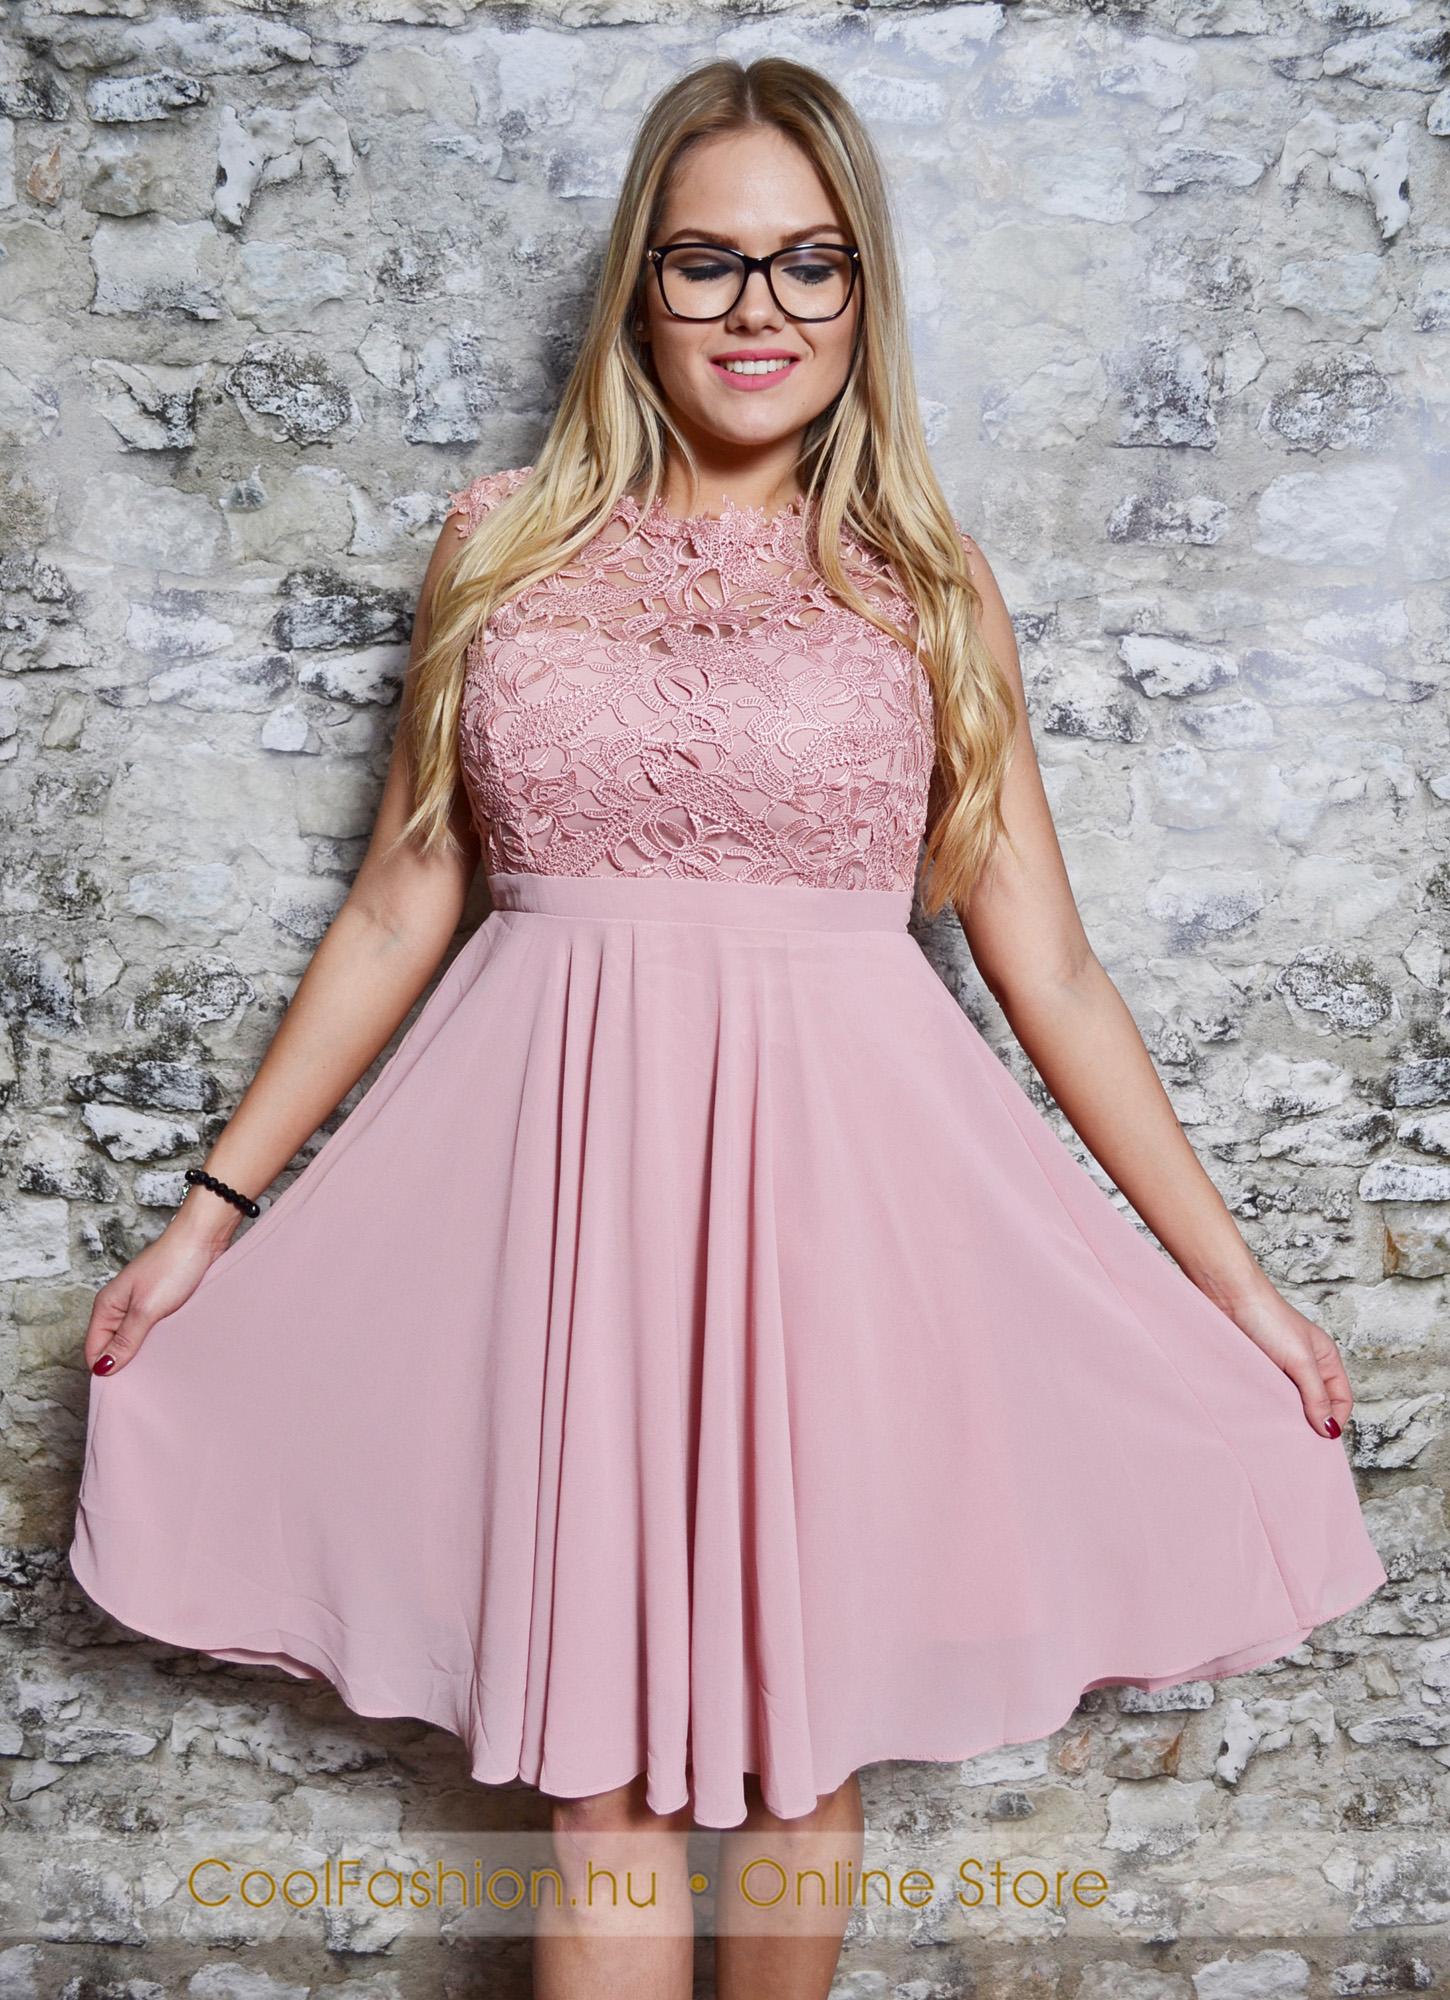 a92dc1169e Nagyméretű felül csipkés muszlin ruha - Cool Fashion